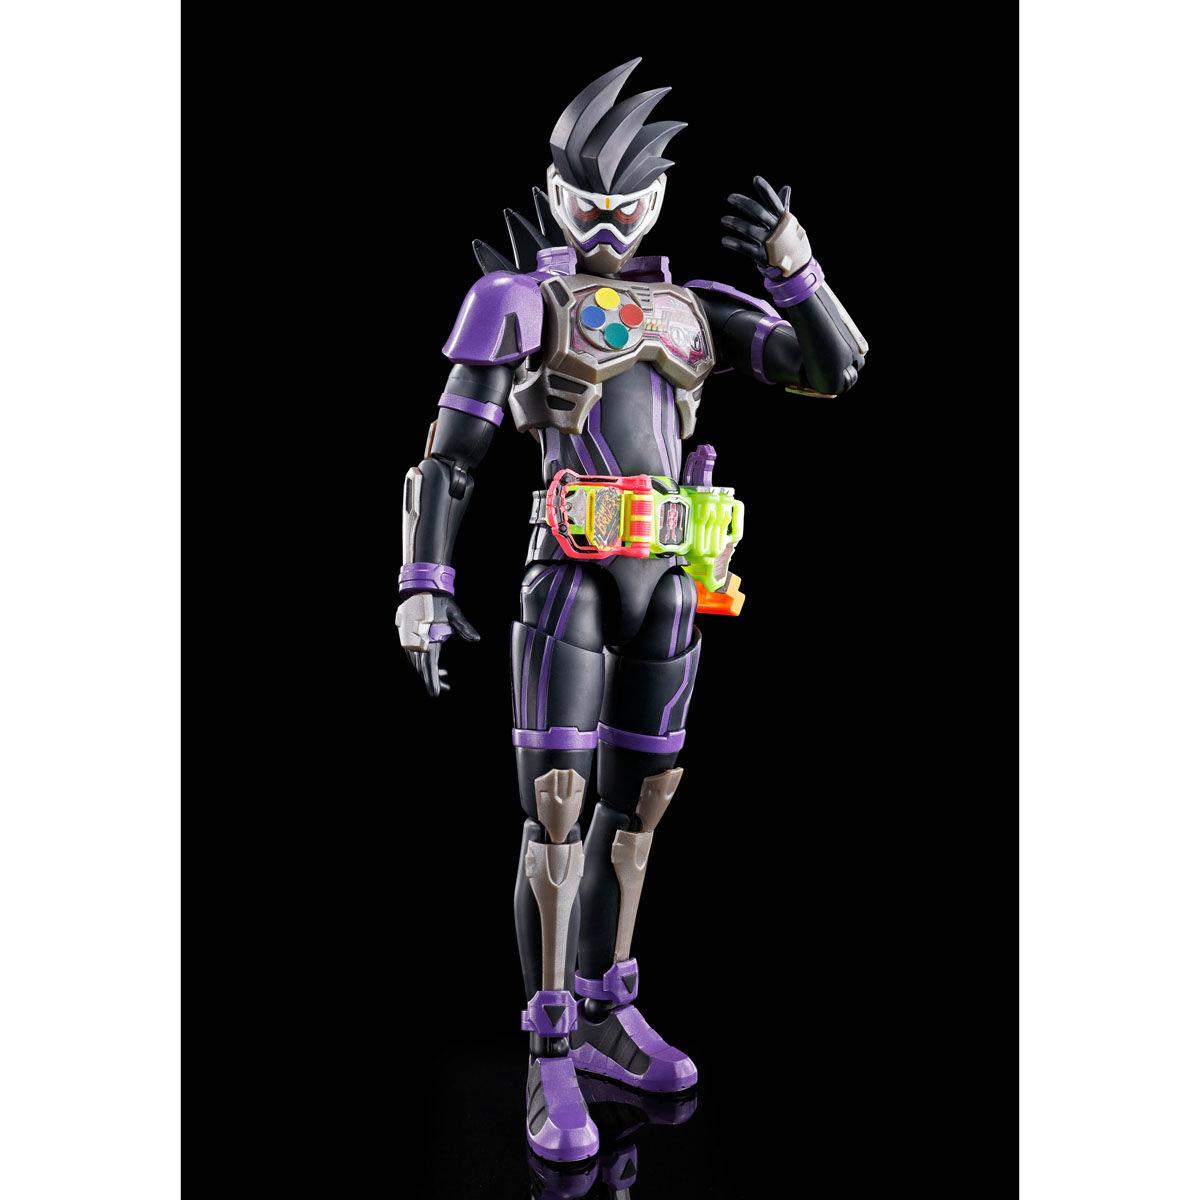 【限定販売】Figure-rise Standard『仮面ライダーゲンム アクションゲーマー レベル2』プラモデル-005